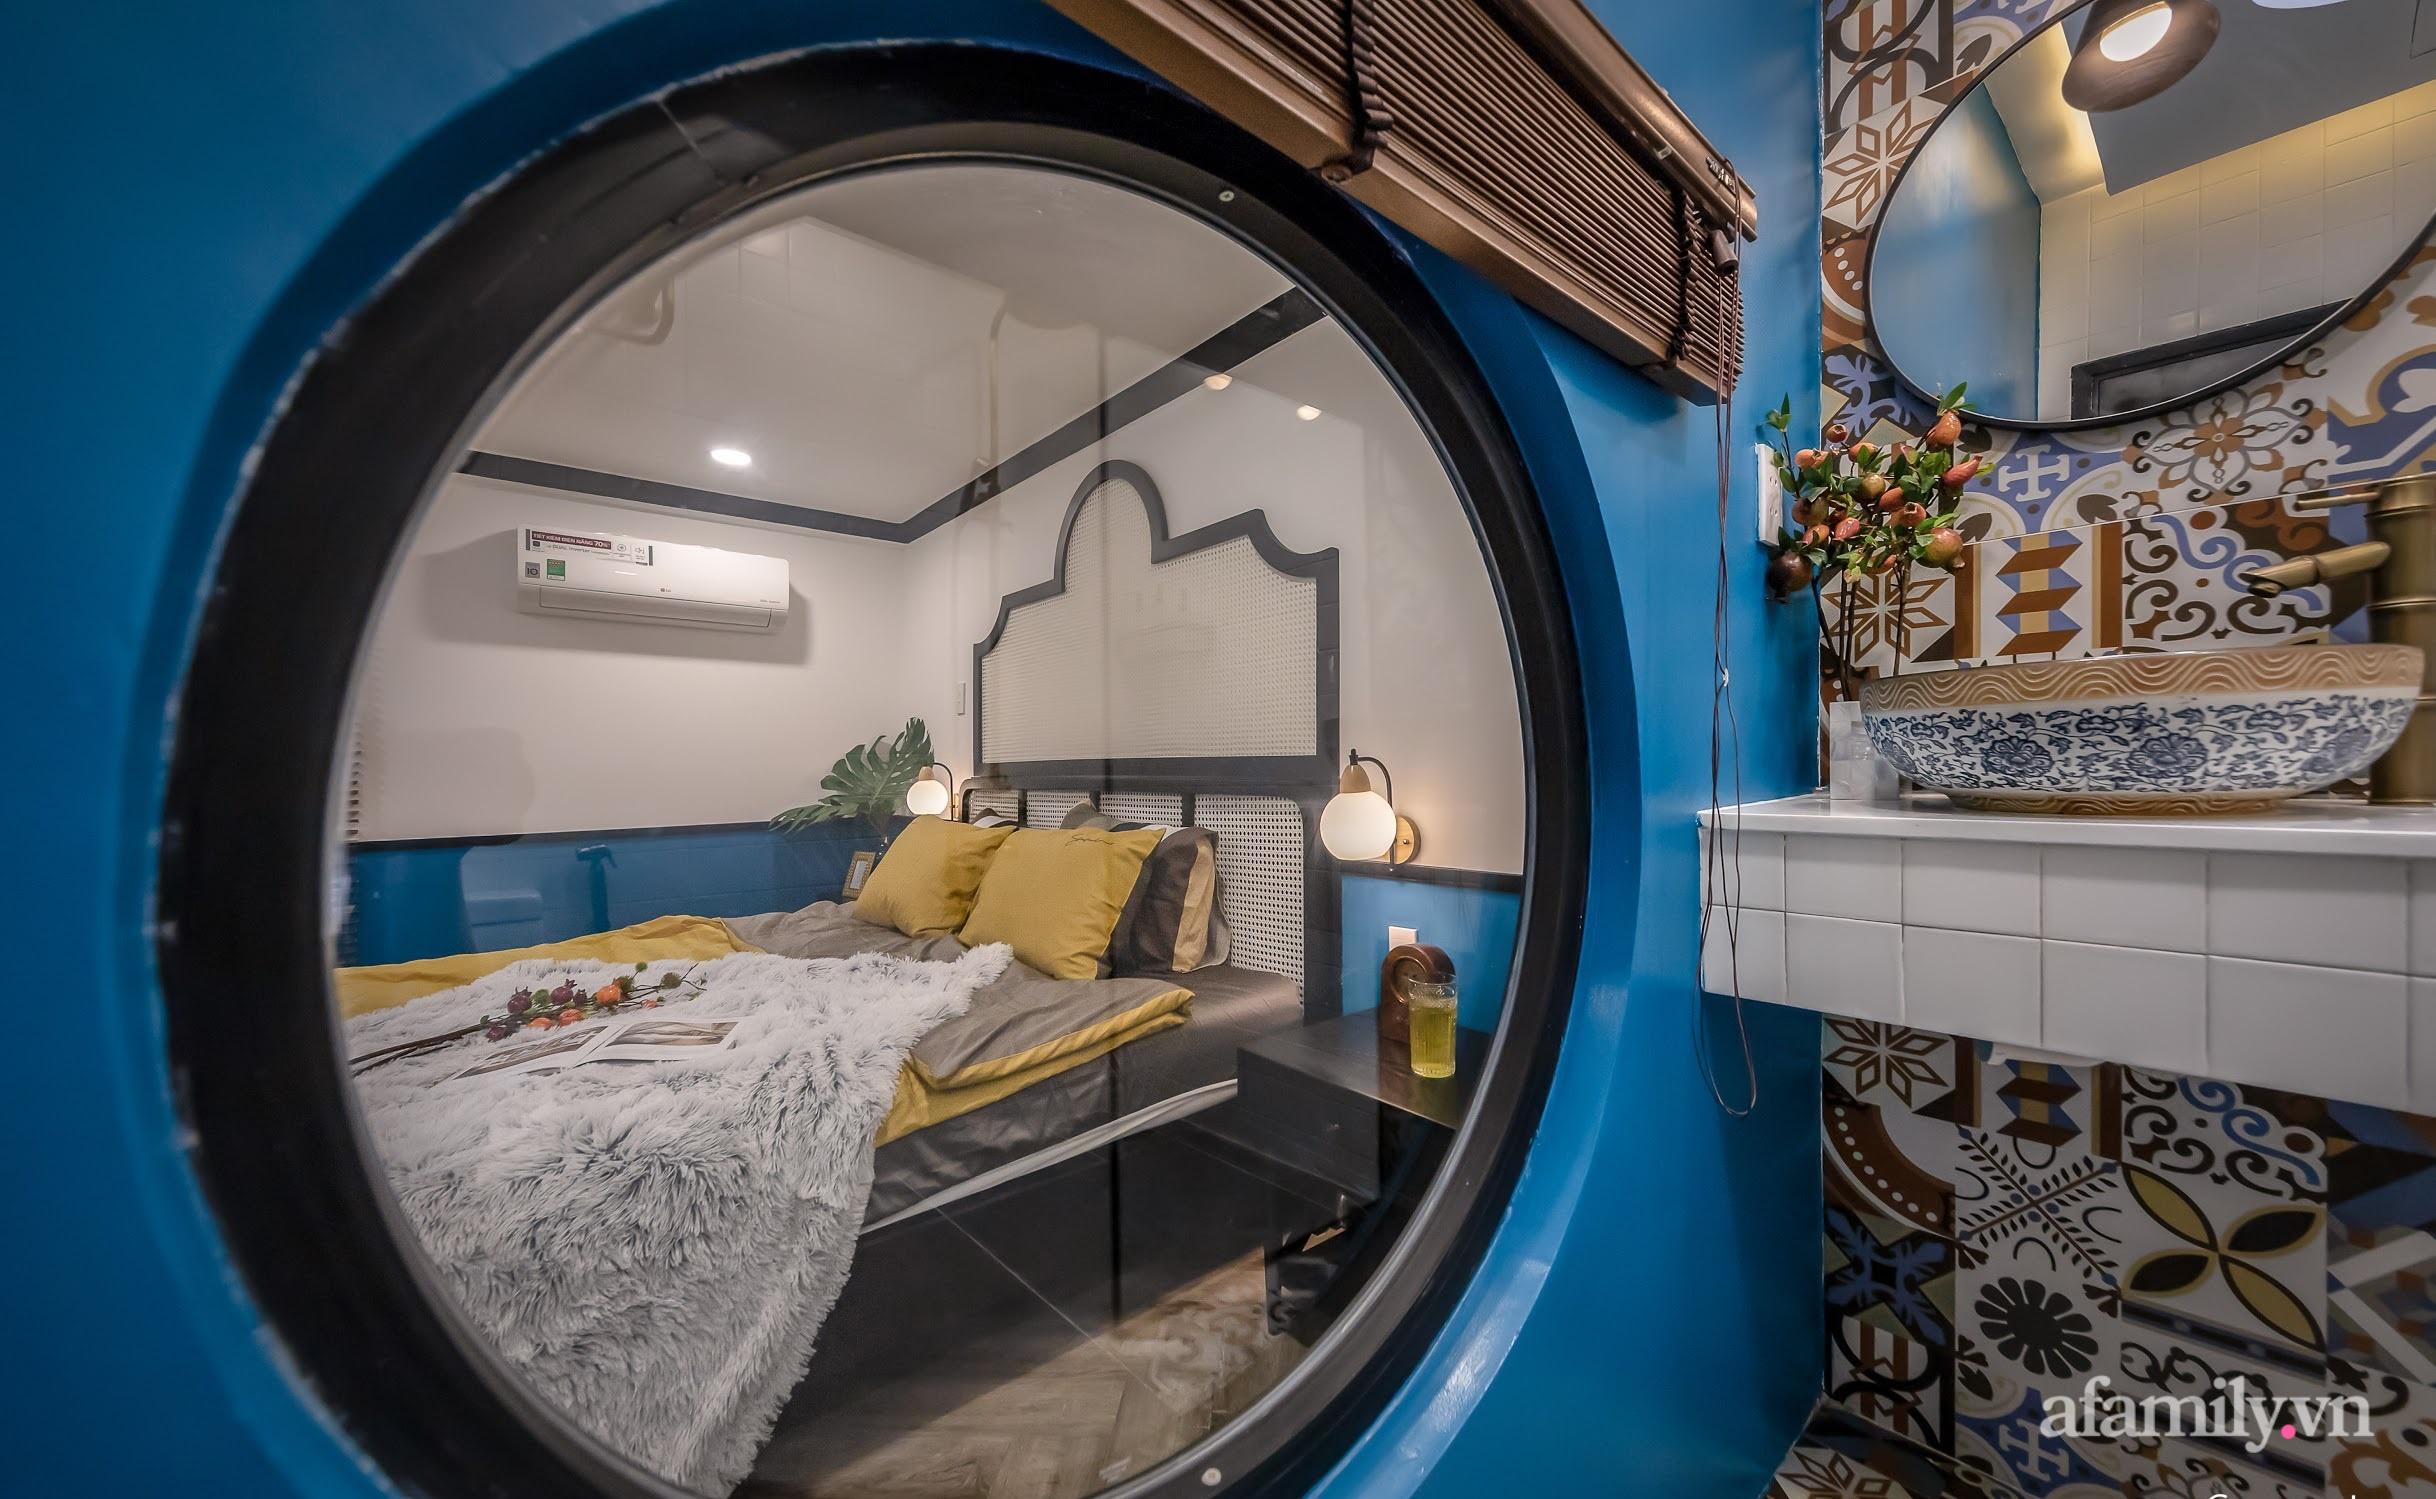 Cải tạo căn hộ tập thể 85m² thành không gian phảng phất vẻ đẹp Đông Dương với chi phí 700 triệu đồng ở Sài Gòn - Ảnh 17.